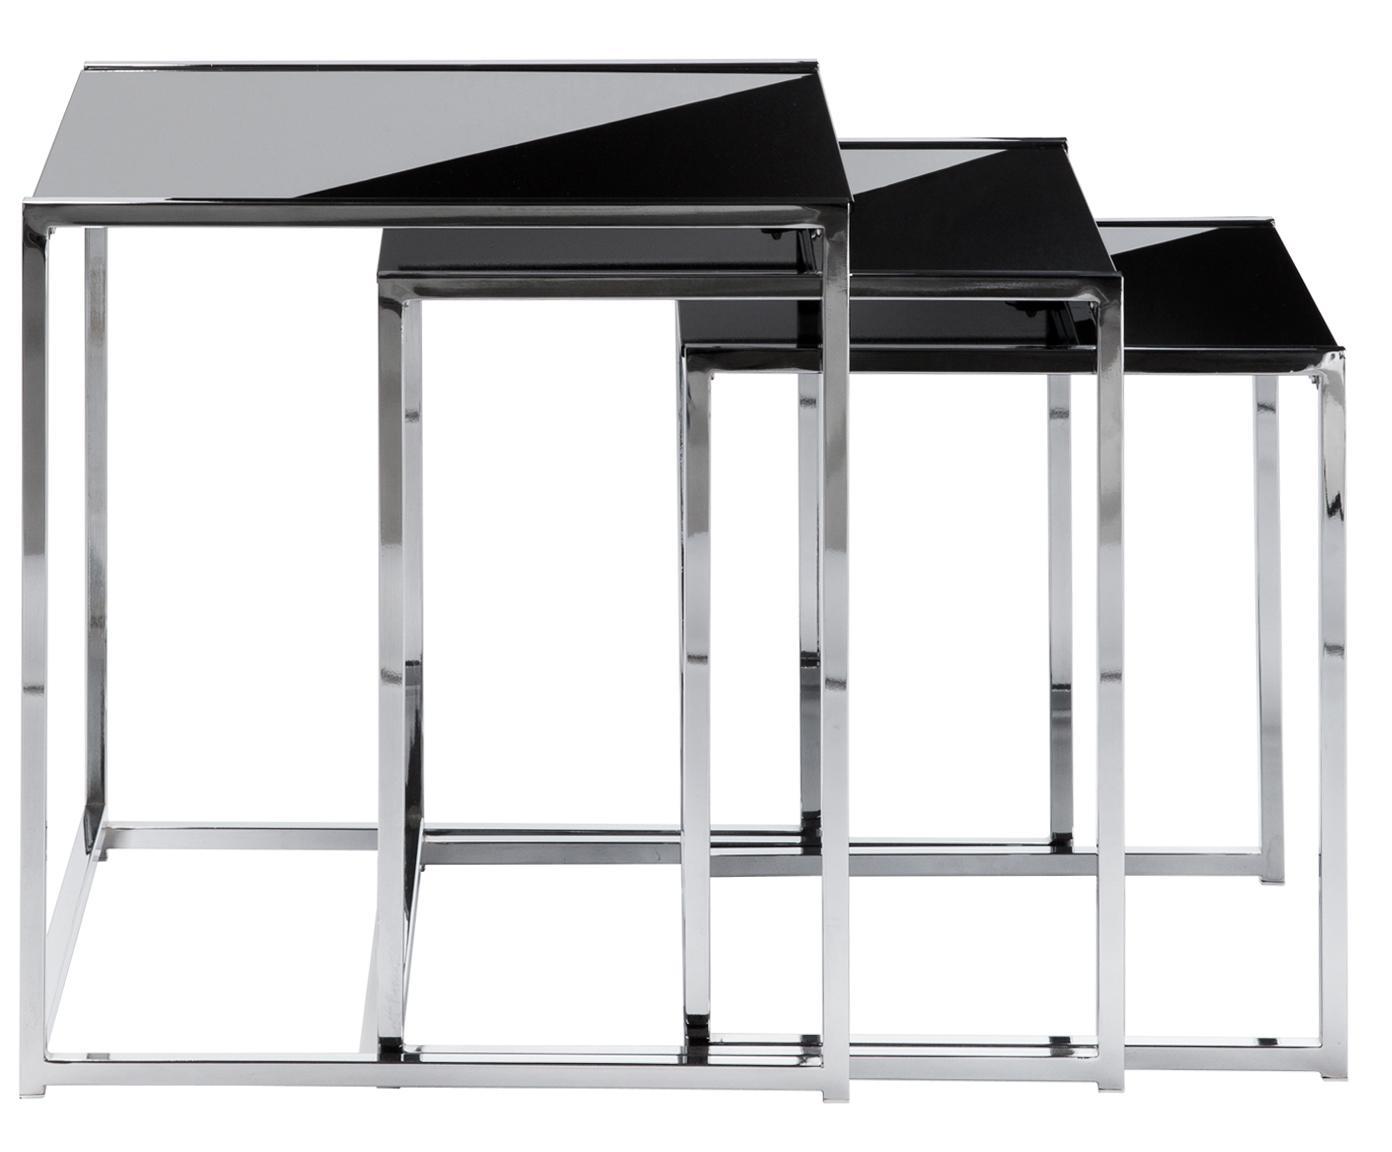 Komplet stolików pomocniczych Cleo, 3 elem., Stelaż: metal chromowany, Blat: szkło hartowane, Czarny, srebrny, Różne rozmiary